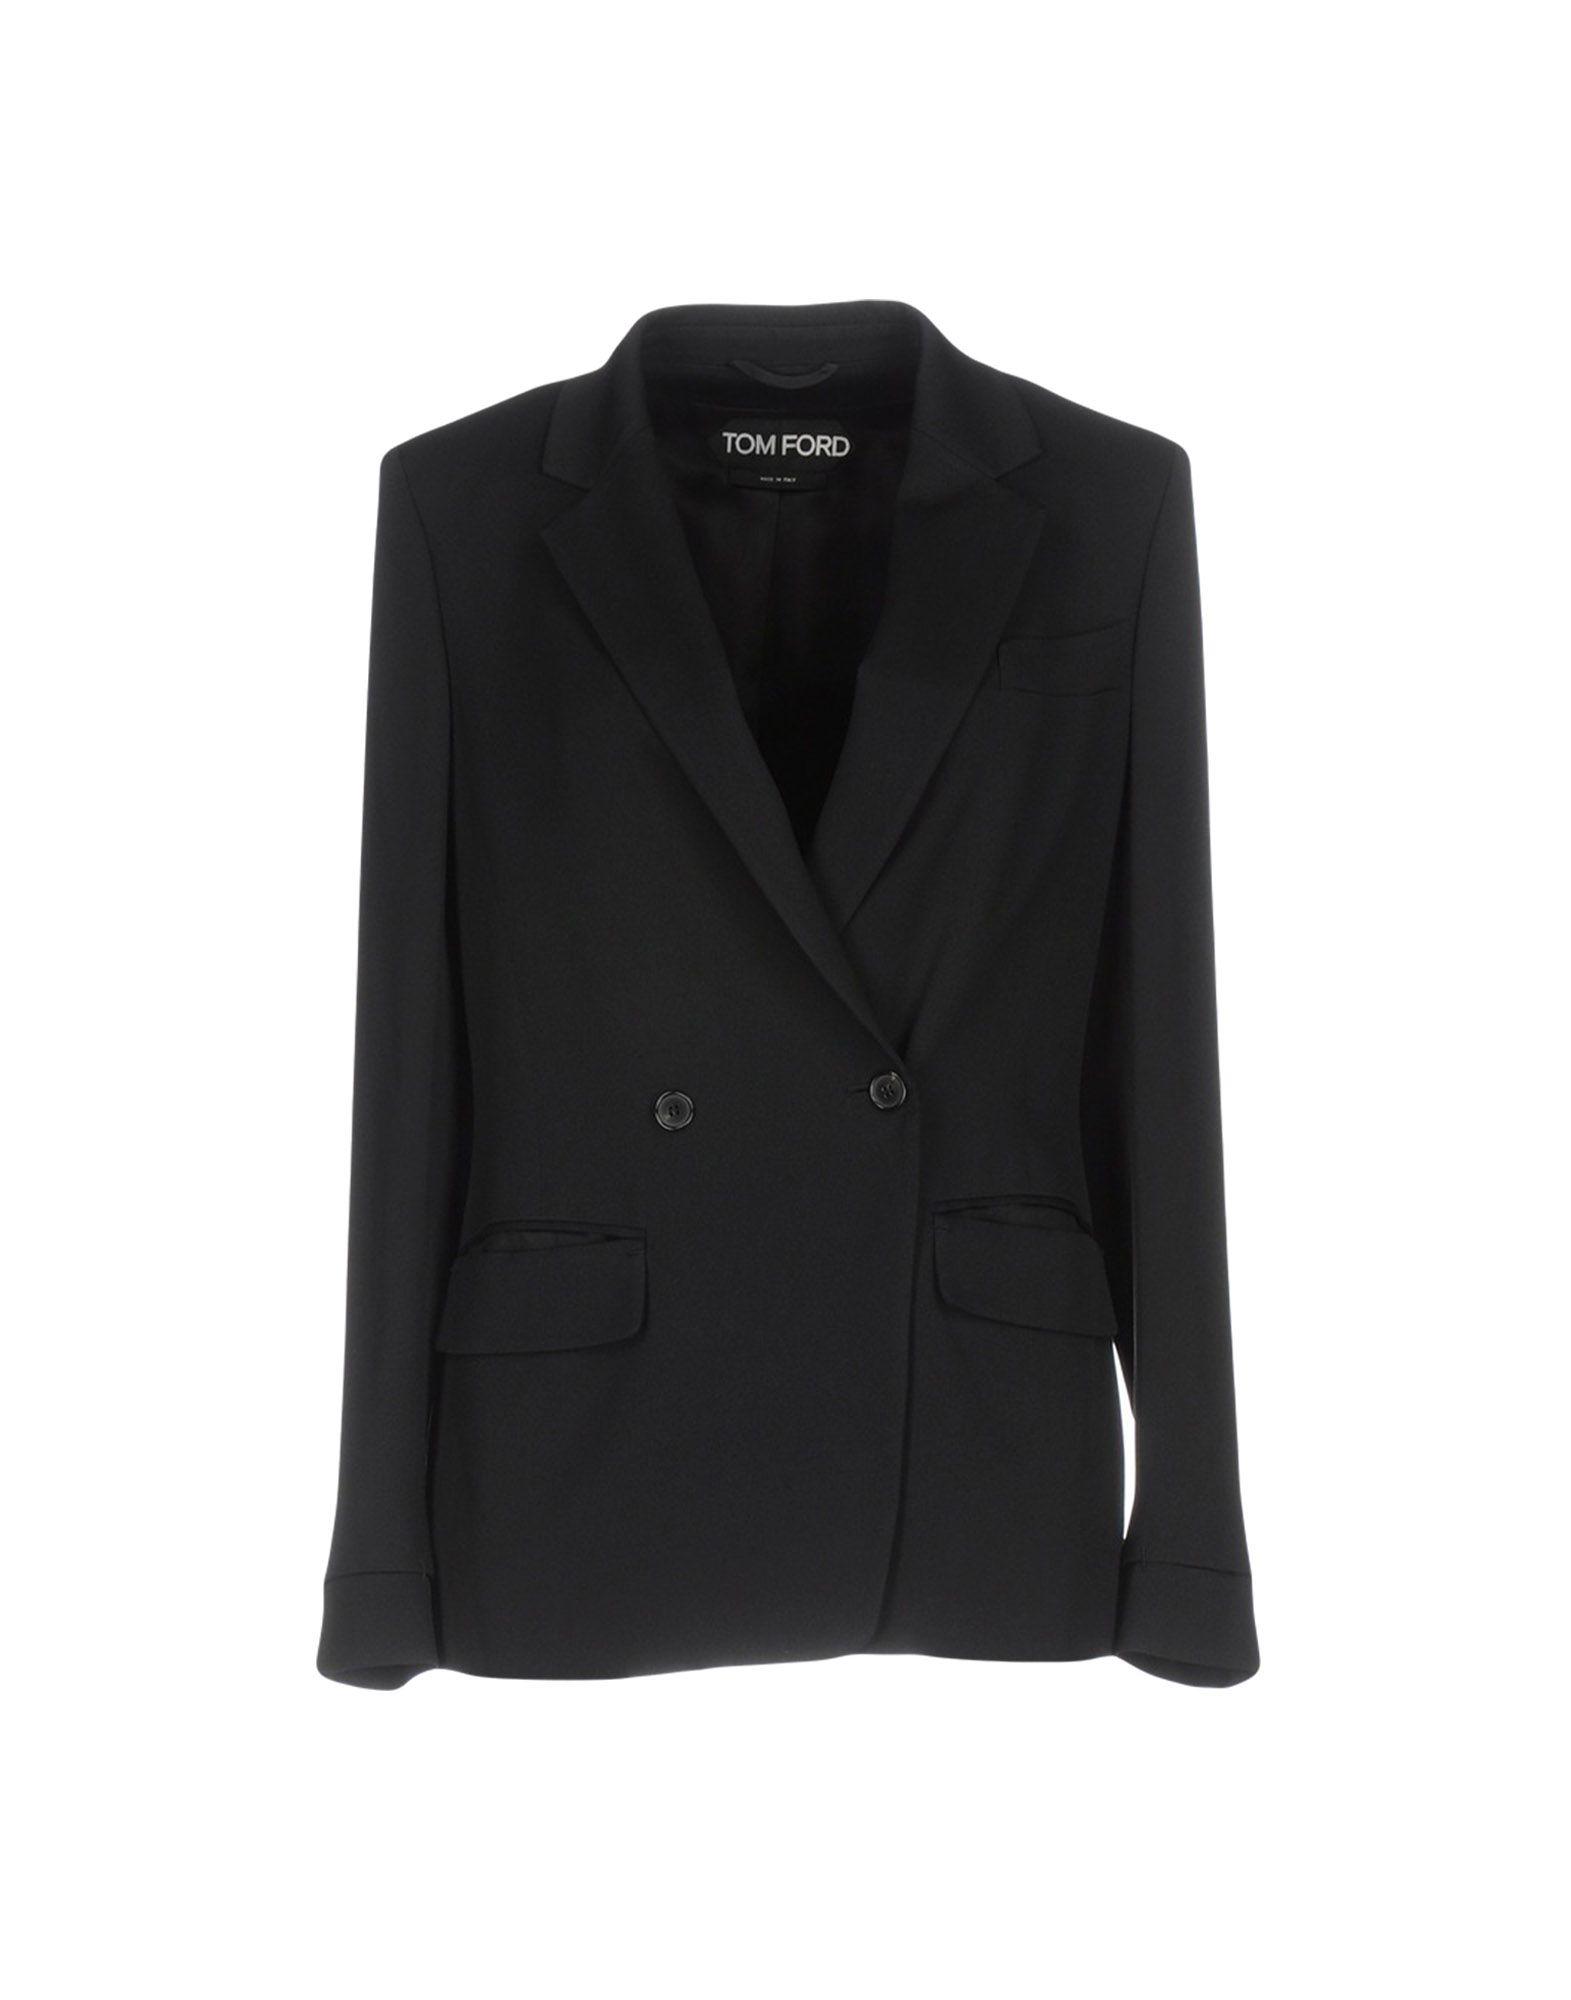 TOM FORD Damen Jackett Farbe Schwarz Größe 3 jetztbilligerkaufen